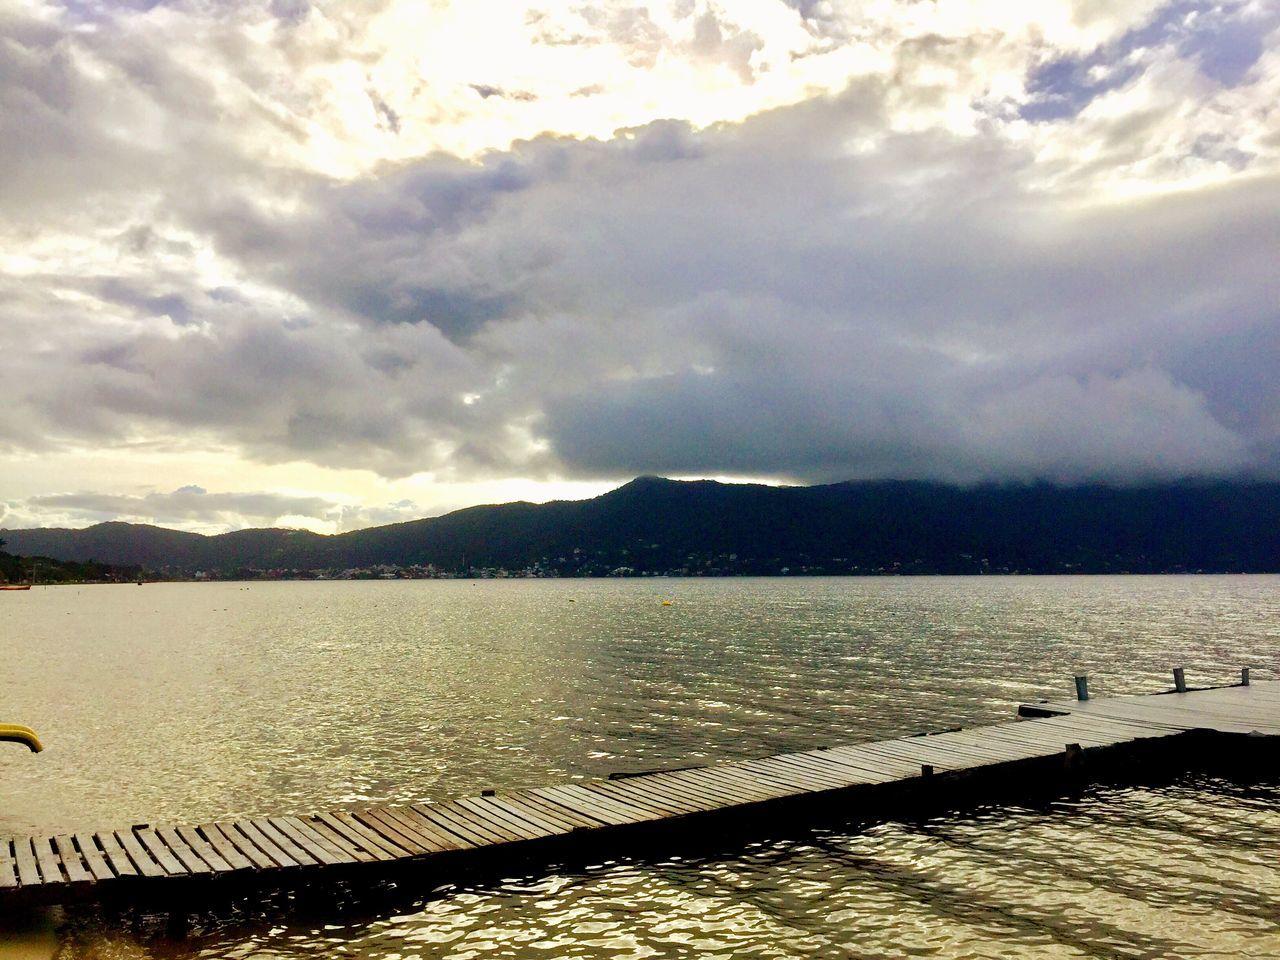 Water Santa Catarina, Brazil Cloud - Sky Scenics Tranquil Scene Lake